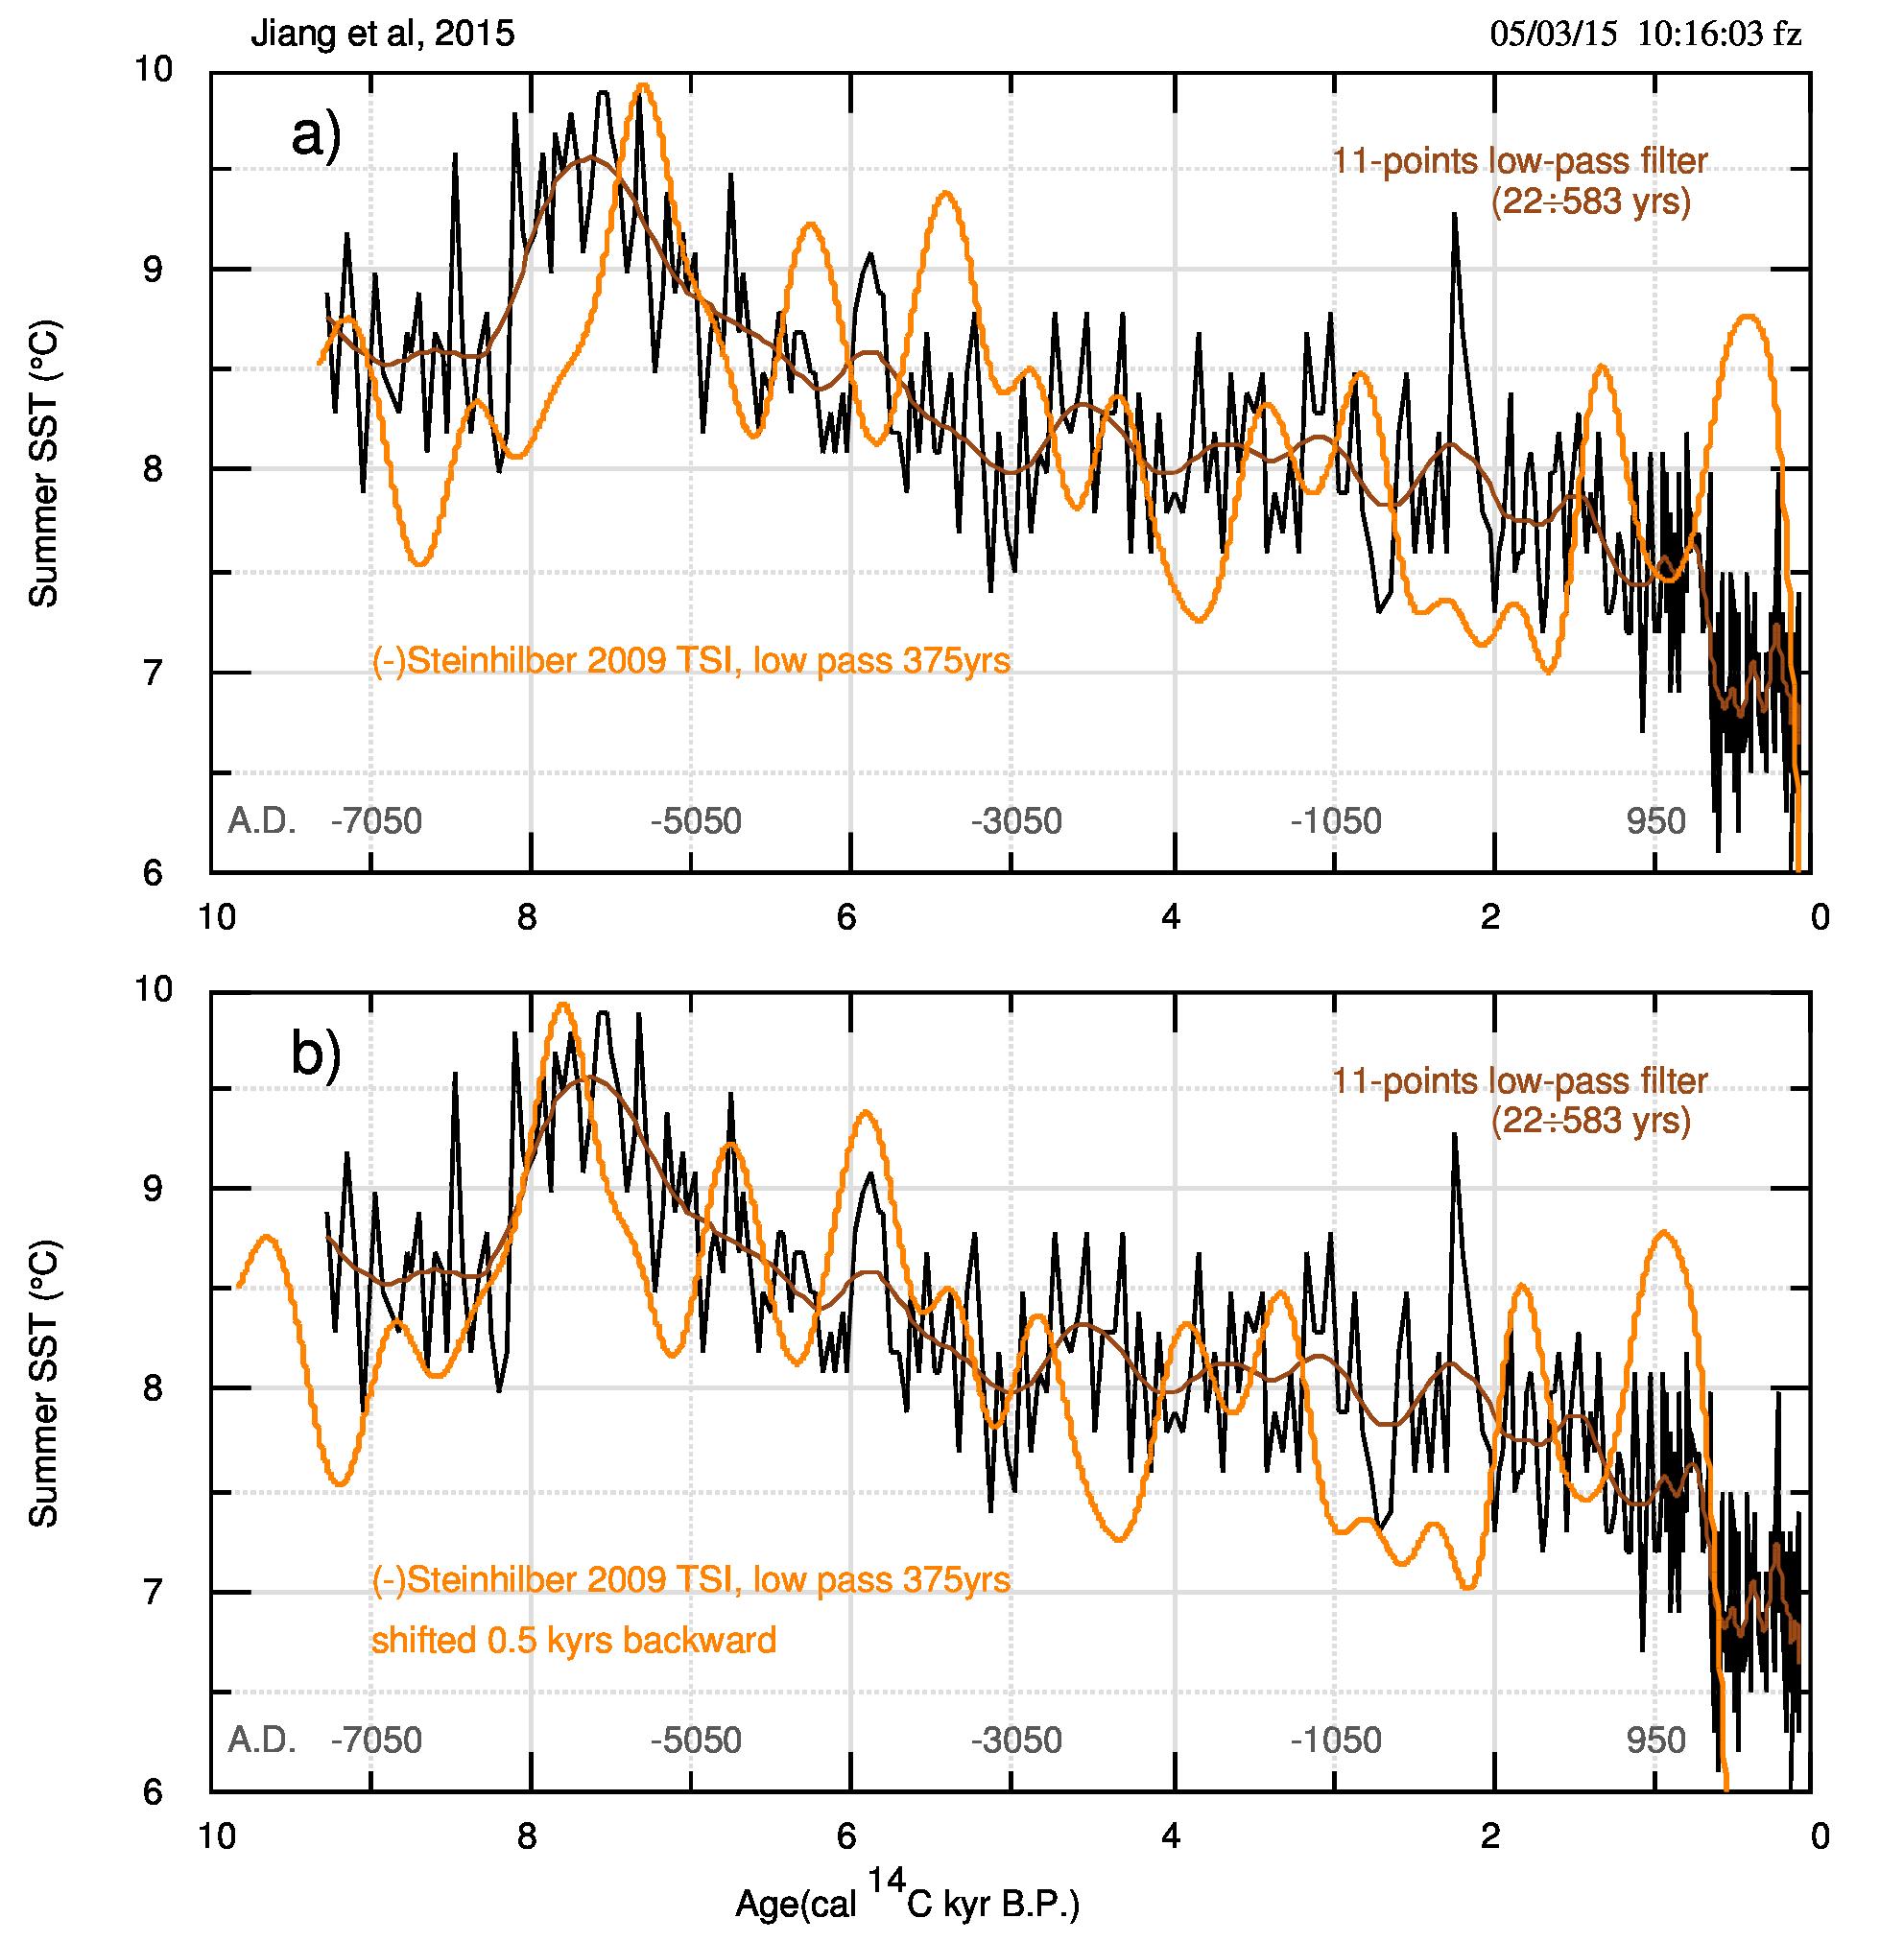 Fig.8. Confronto tra j2015 e TSI. Notare che TSI è invertita, come sottolineato dal simbolo (-) davanti al nome Steinhilber. in basso i dati TSI spostati indietro di 500 anni (~il 5% dell'intervallo totale), per confronto